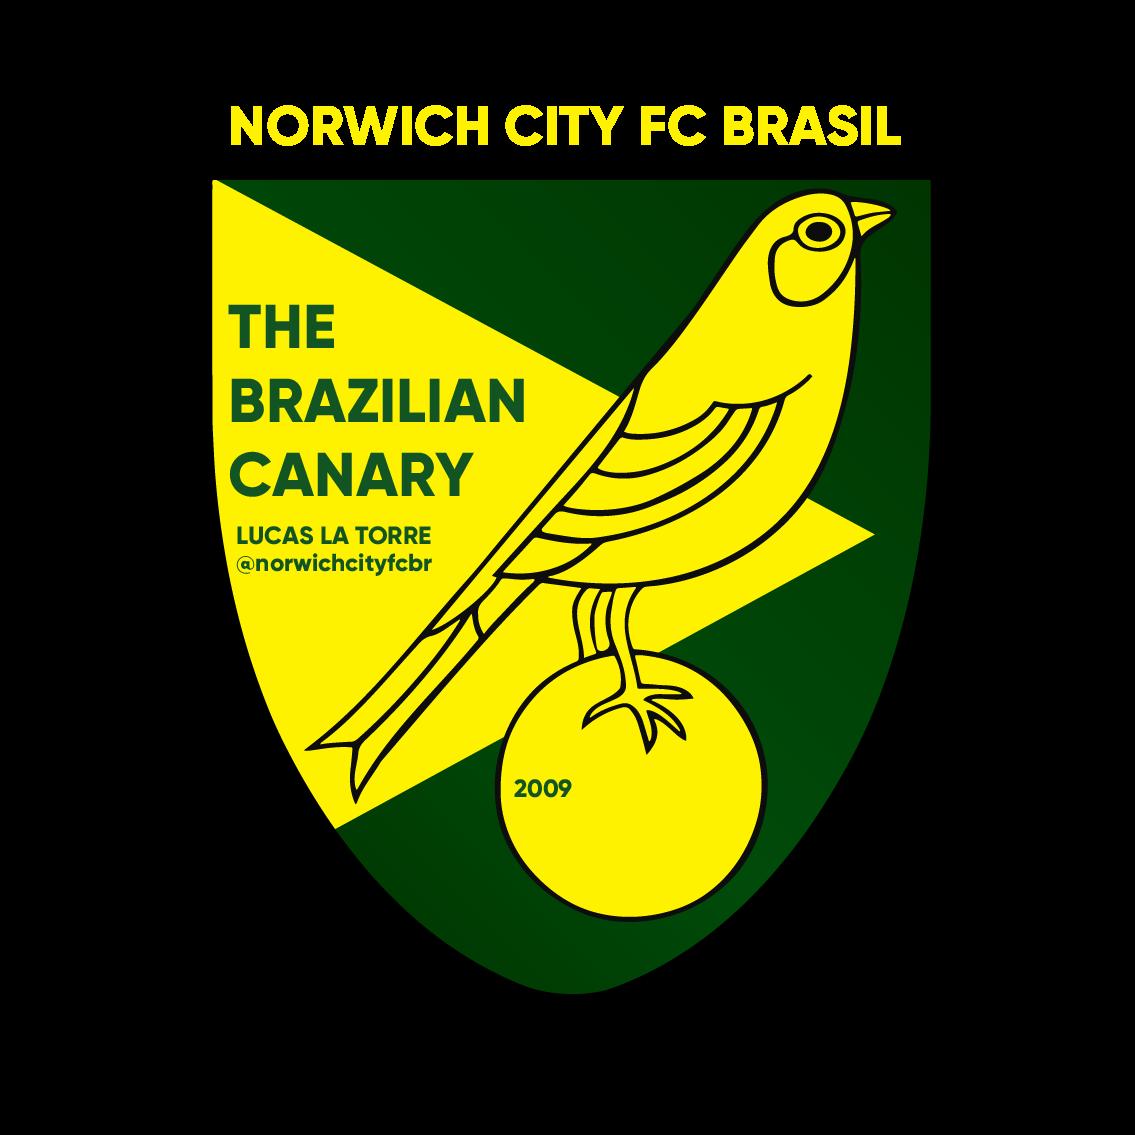 NorwichCityFCBR